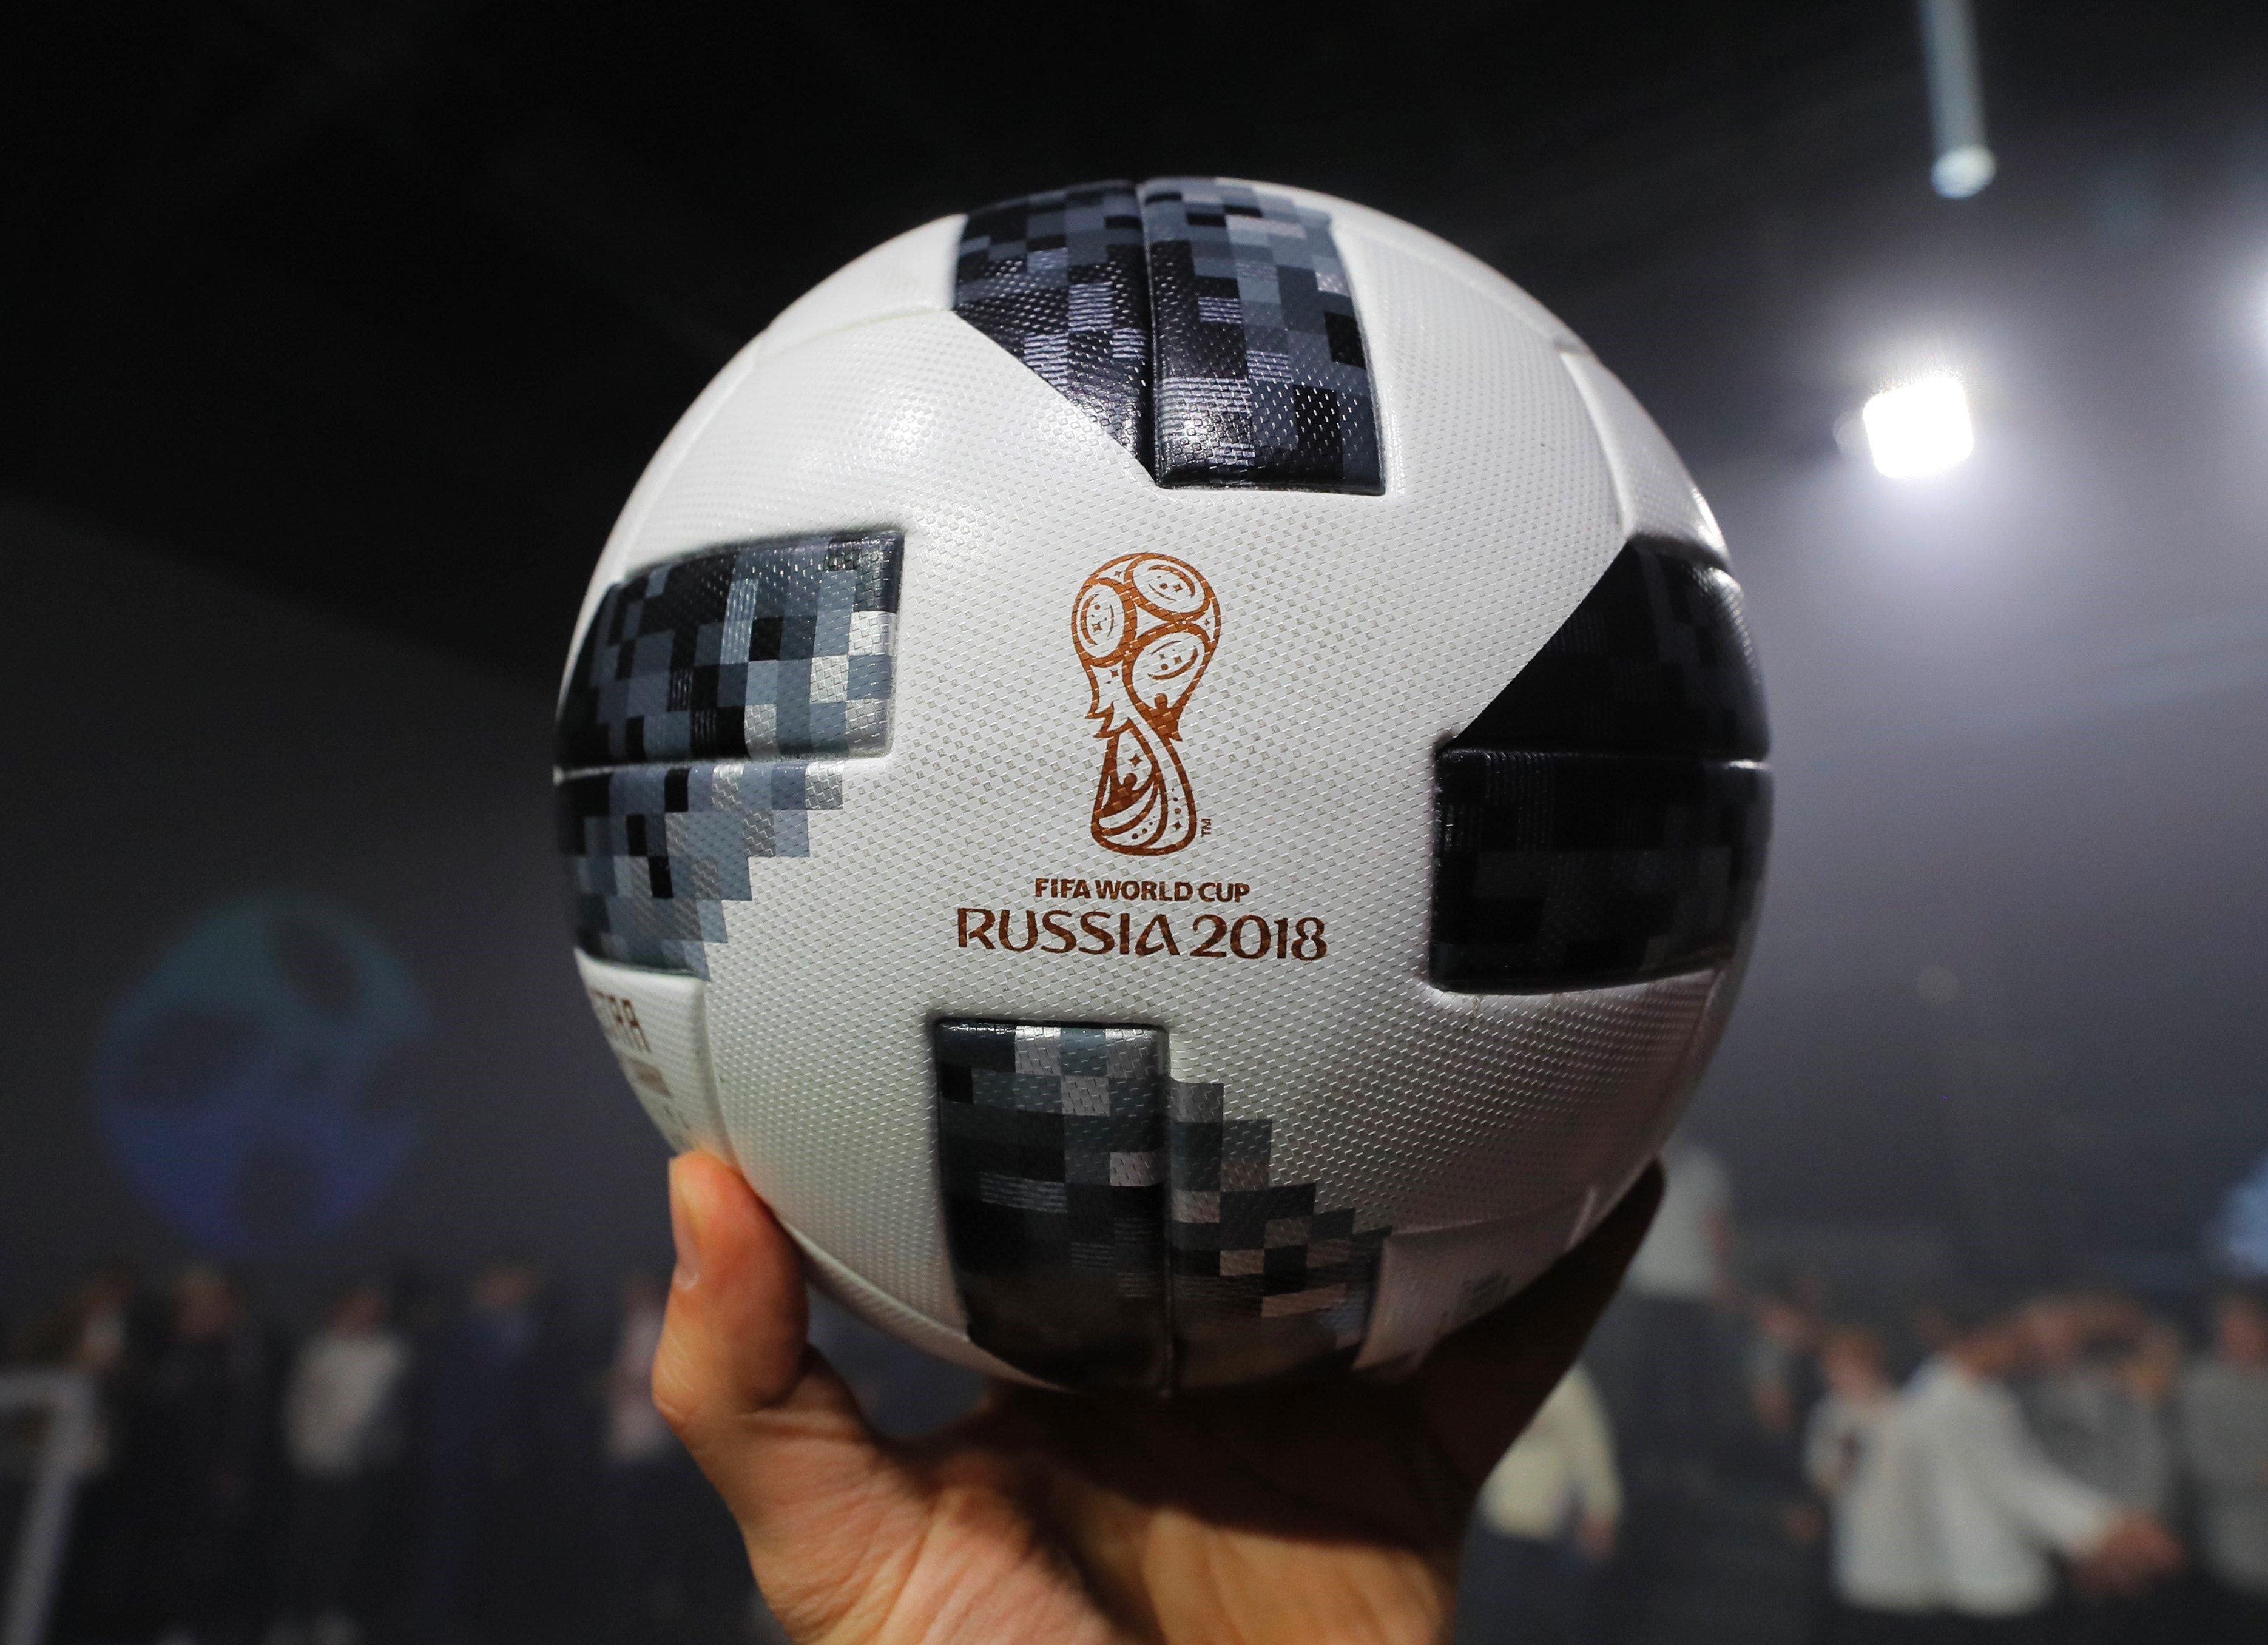 Los Alpes Punto de referencia Psiquiatría  Telstar 18', el balón inteligente del Mundial de Rusia